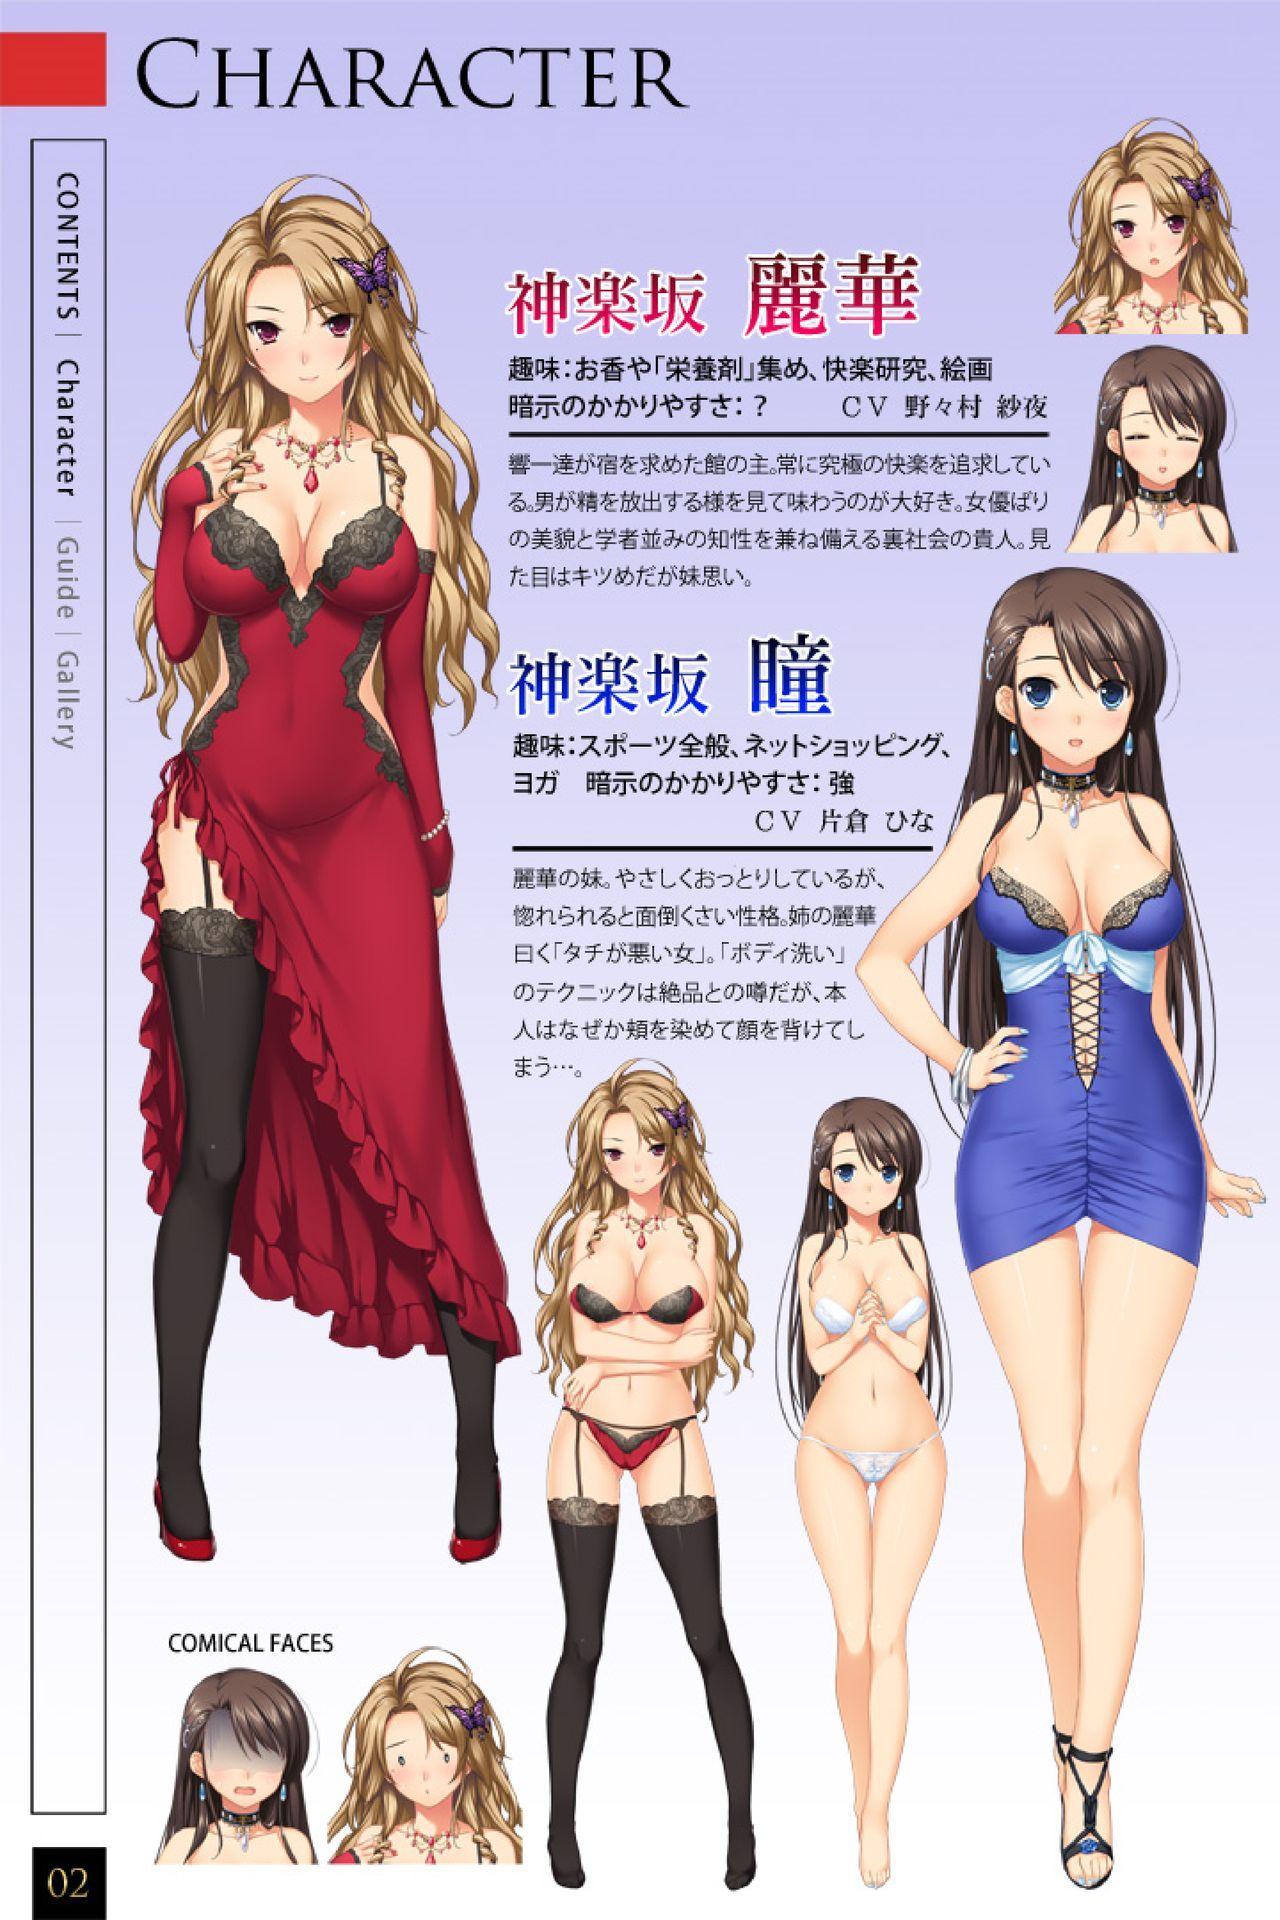 Reika no Yakata ~Saimin Yuugi e no Shoutaijou~ Movie Edition Mini Visual Fanbook 1